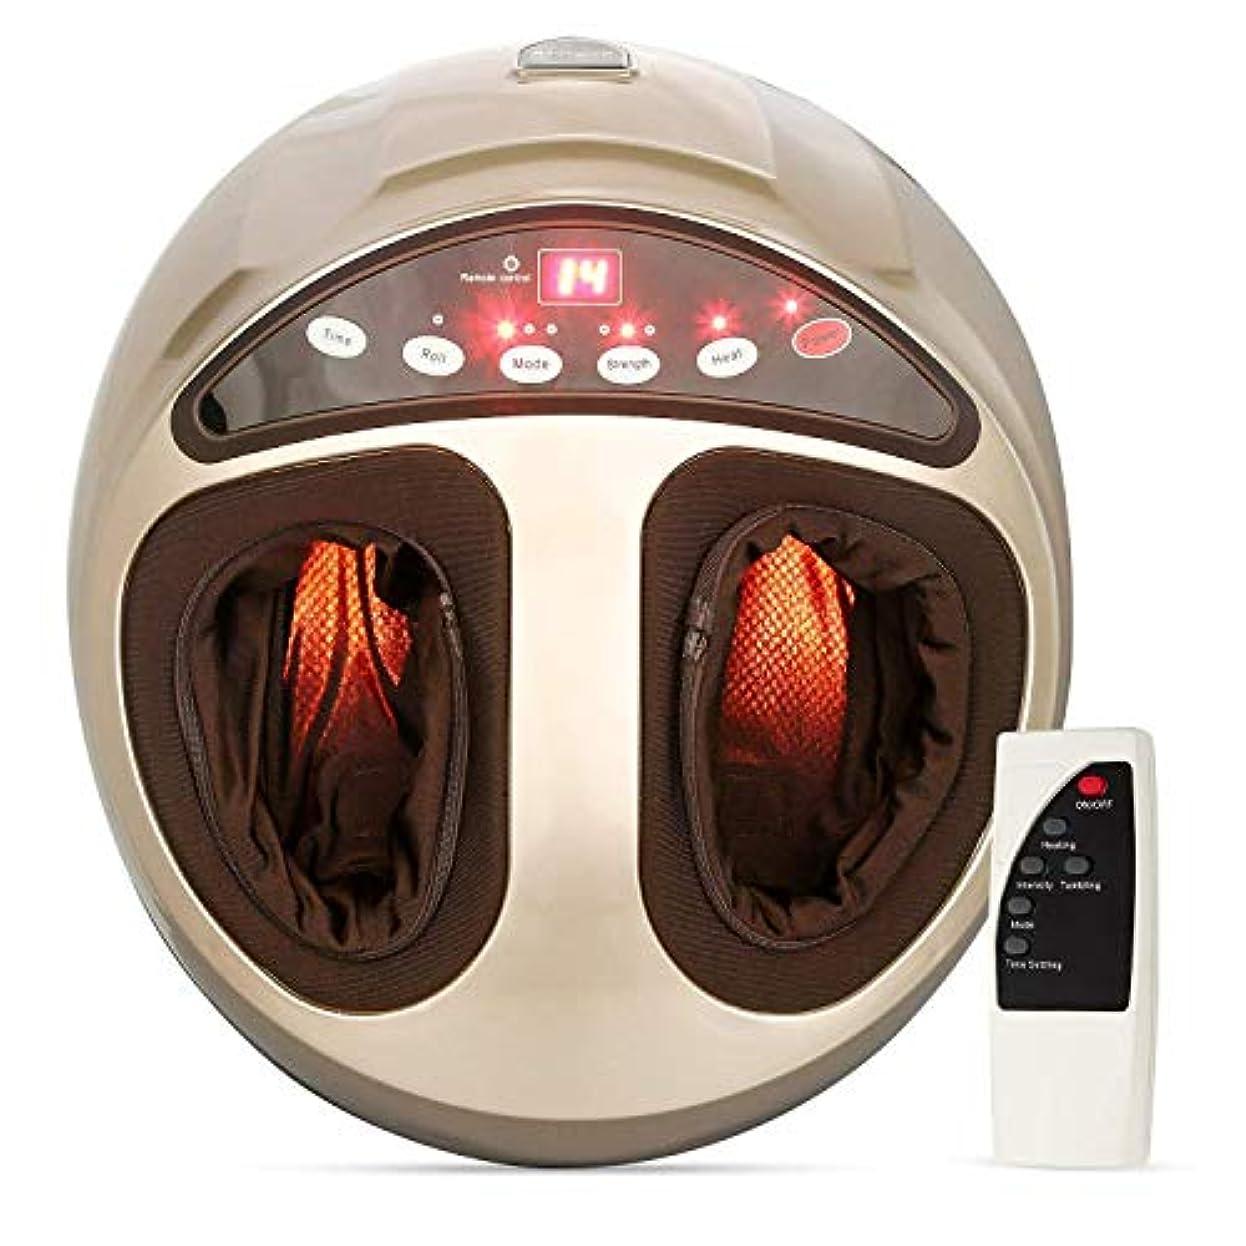 ティーム取るに足らない暗い指圧電動足マッサージ器足マッサージ機加熱深圧力空気圧縮調節可能な強度健康ギフト(EU)